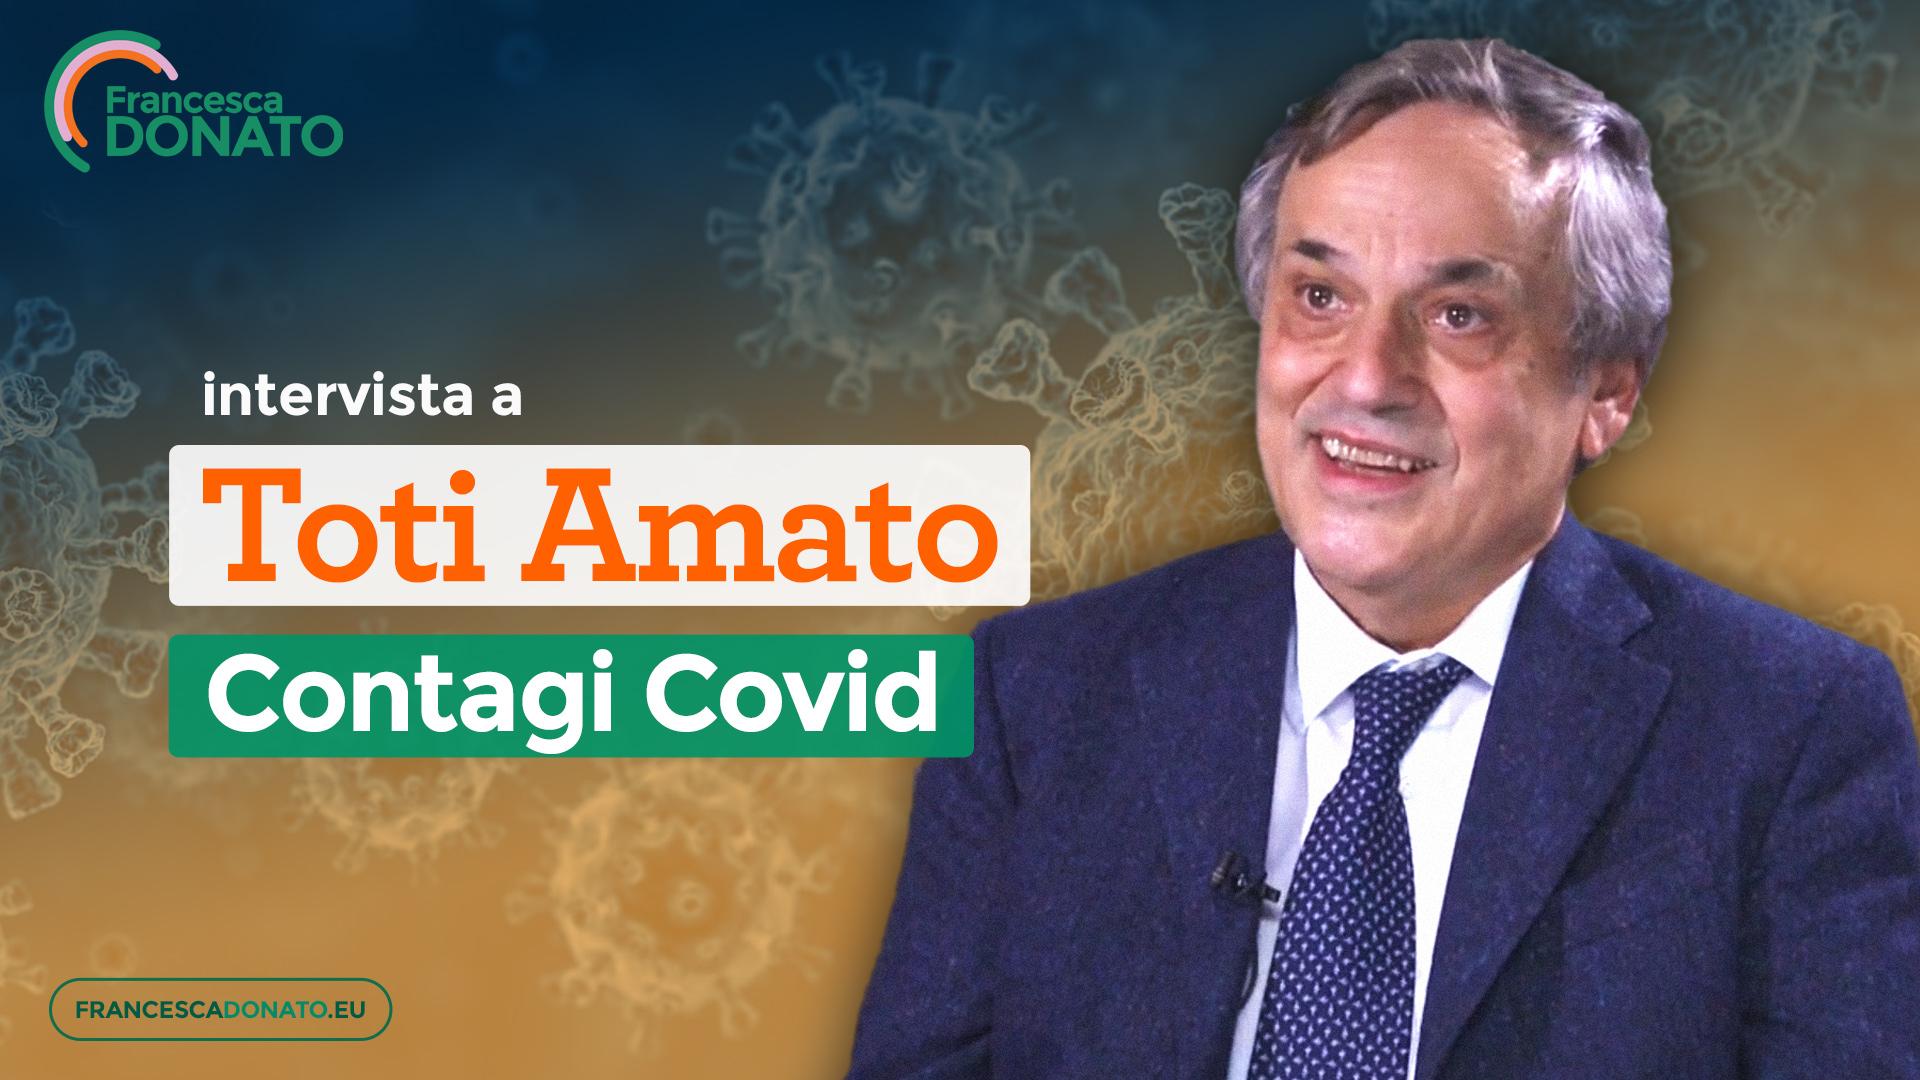 Intervista a Toti Amato - Contagi Covid